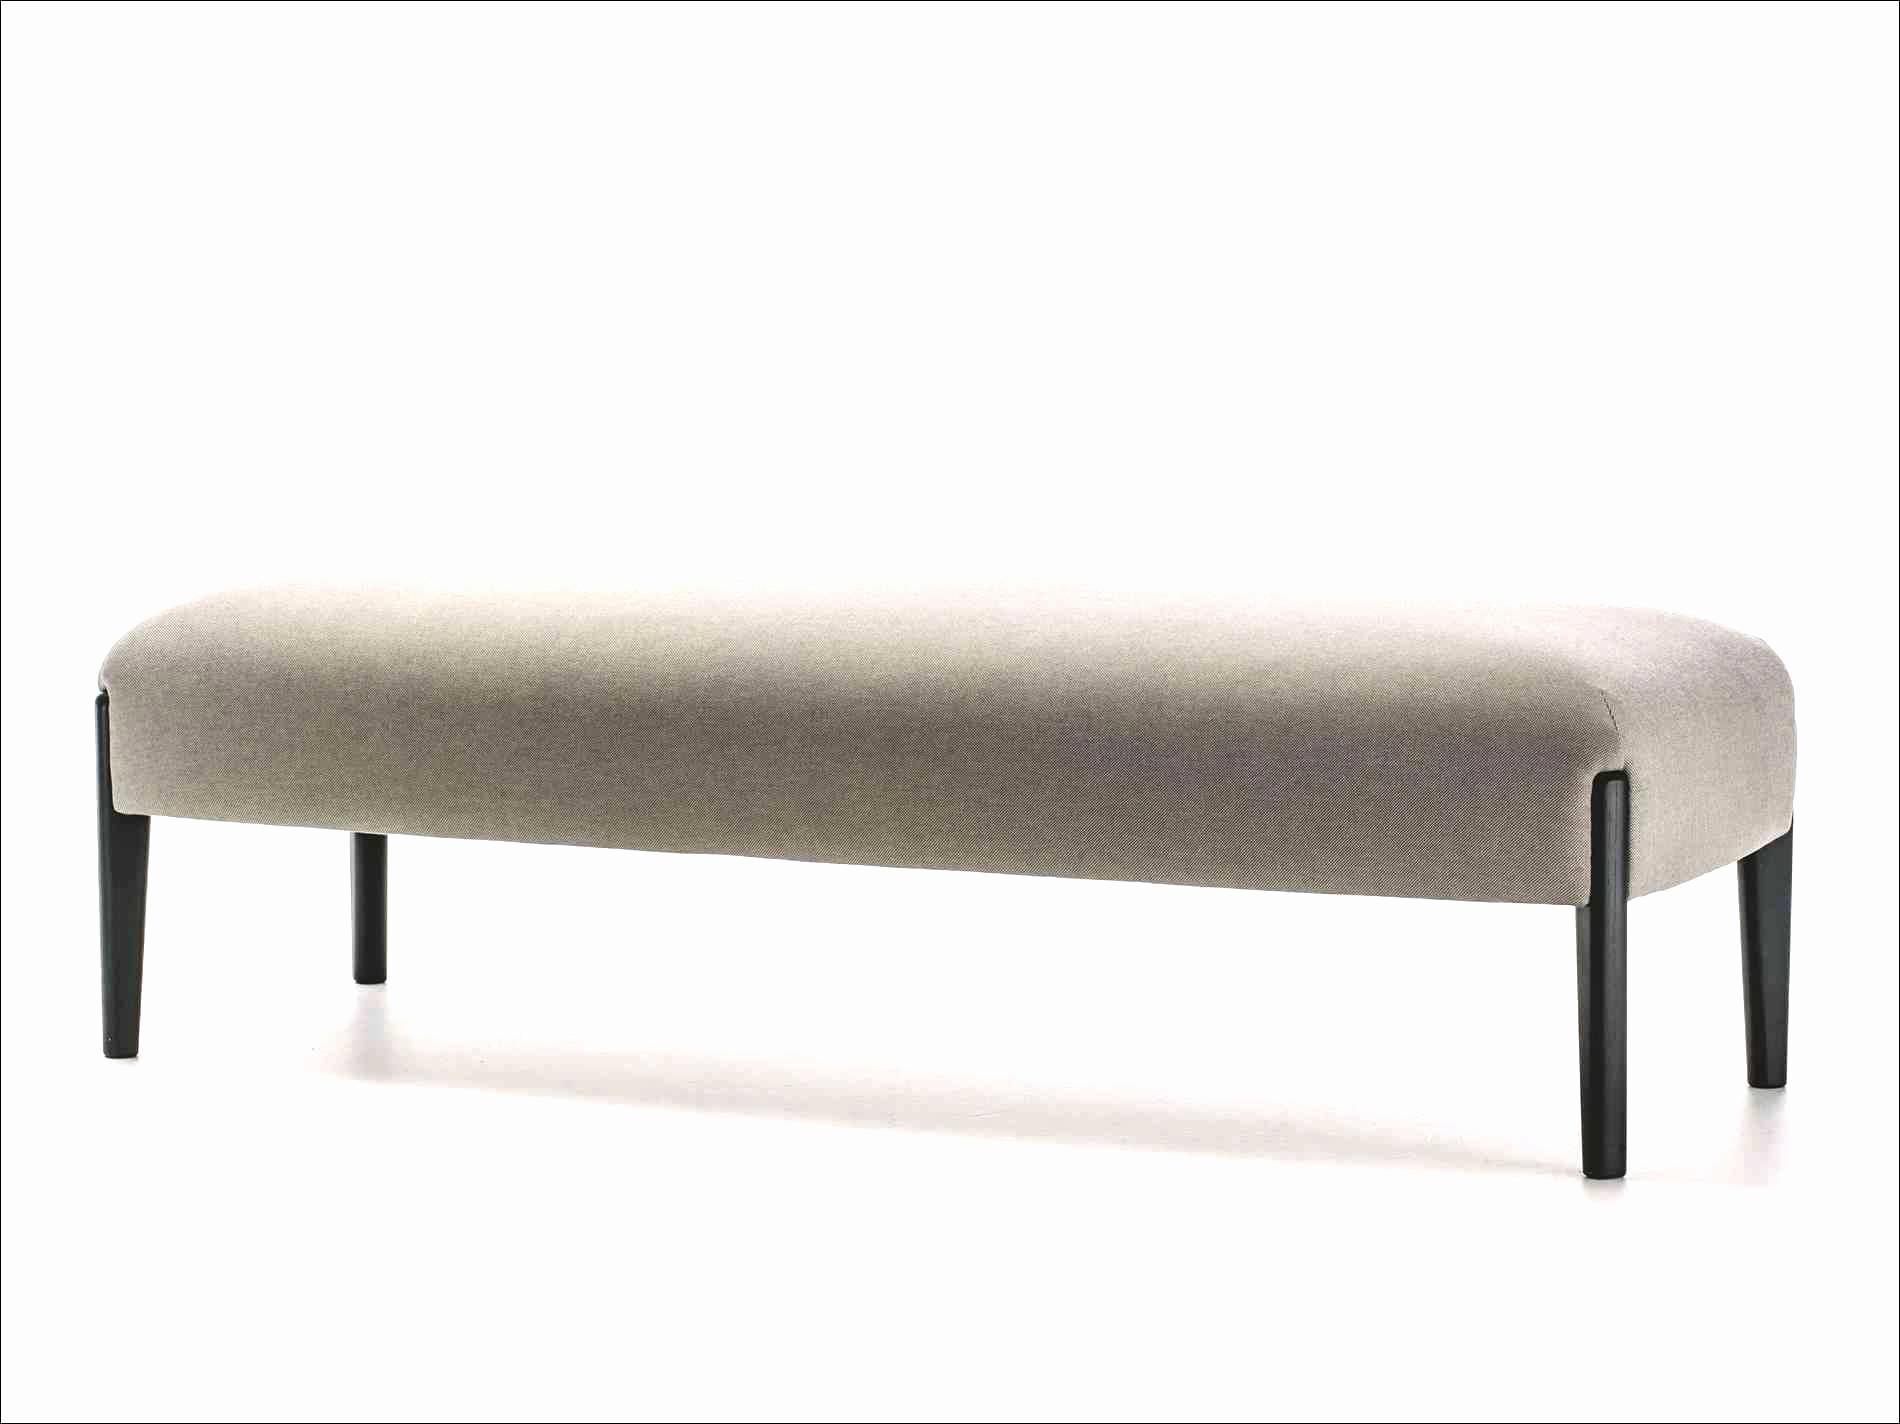 Full Size of Ikea Sitzbank Tische Esszimmer Einzigartig 40 Genial Tisch Garten Sofa Mit Schlaffunktion Küche Bad Betten Bei Miniküche Bett Lehne Modulküche Kaufen Kosten Wohnzimmer Ikea Sitzbank